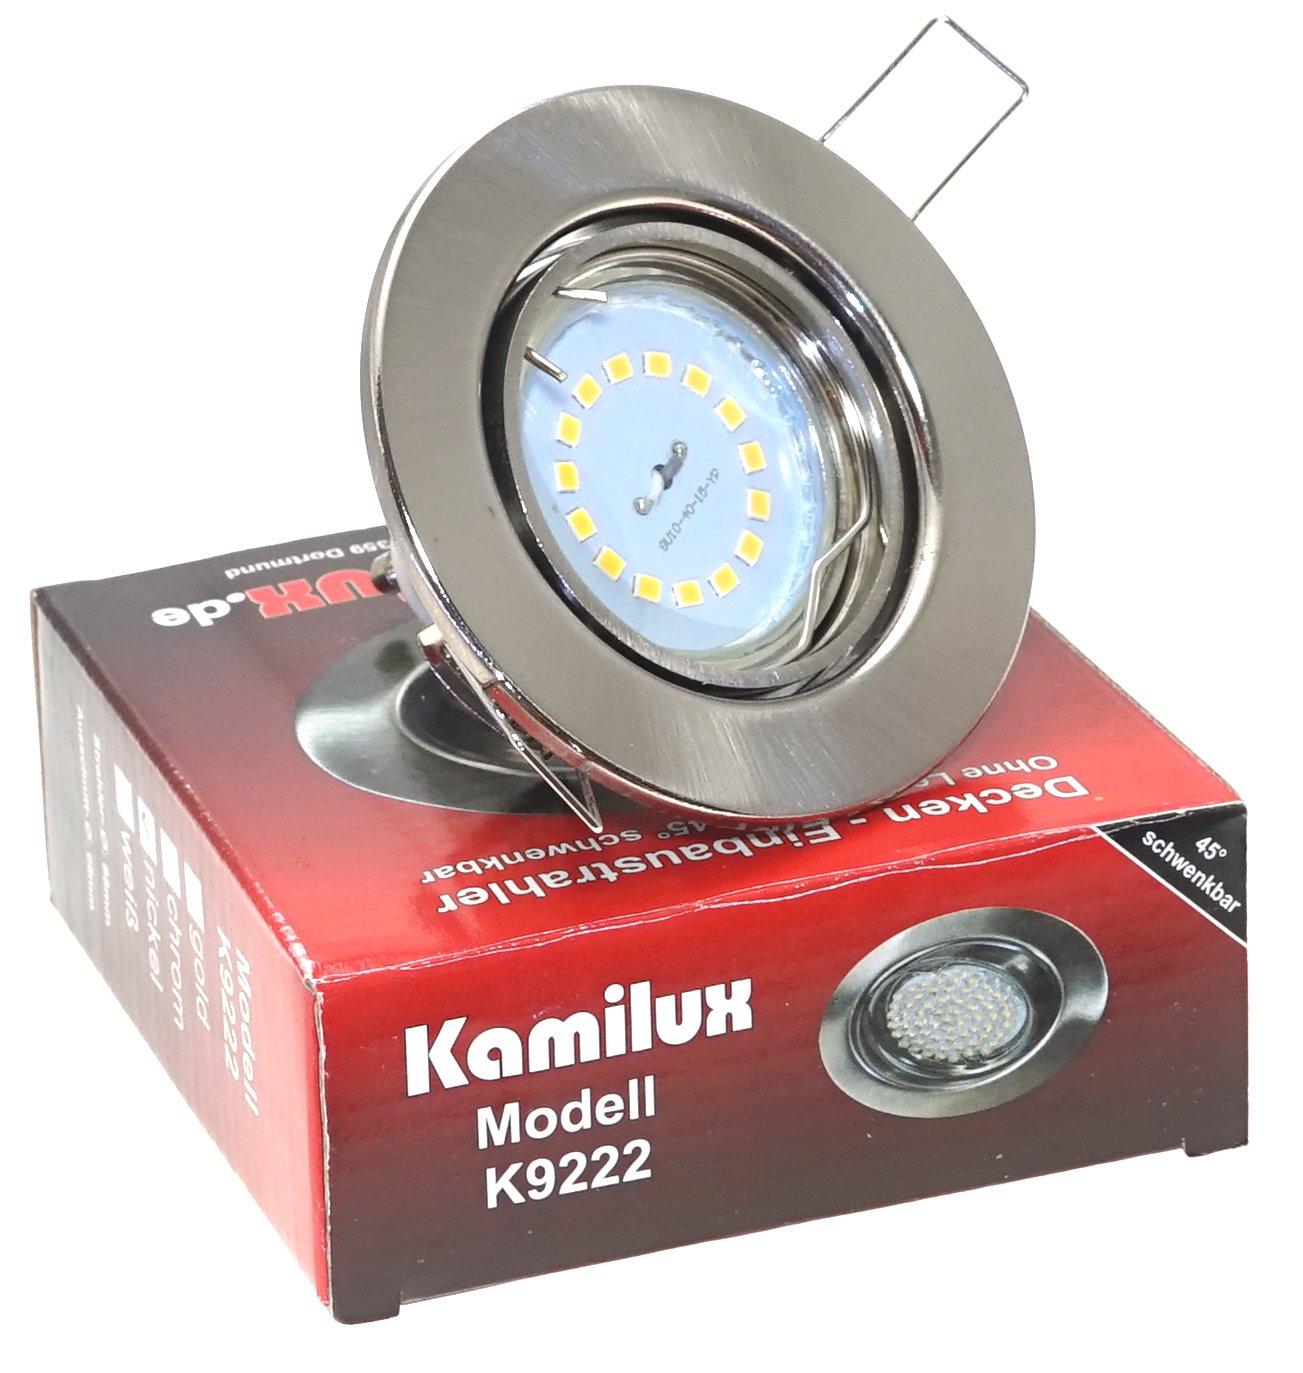 Einbaustrahler/Spot Tom Edelstahl-gebü rstet Optik 230V inklusive Power SMD LED Leuchtmittel 5 Watt GU10 230V warmweiß , Dimmbar mit einem herkö mmlichen Lichtschalter, 3-Stufen Dimmung Kamilux K9222-6450124ww